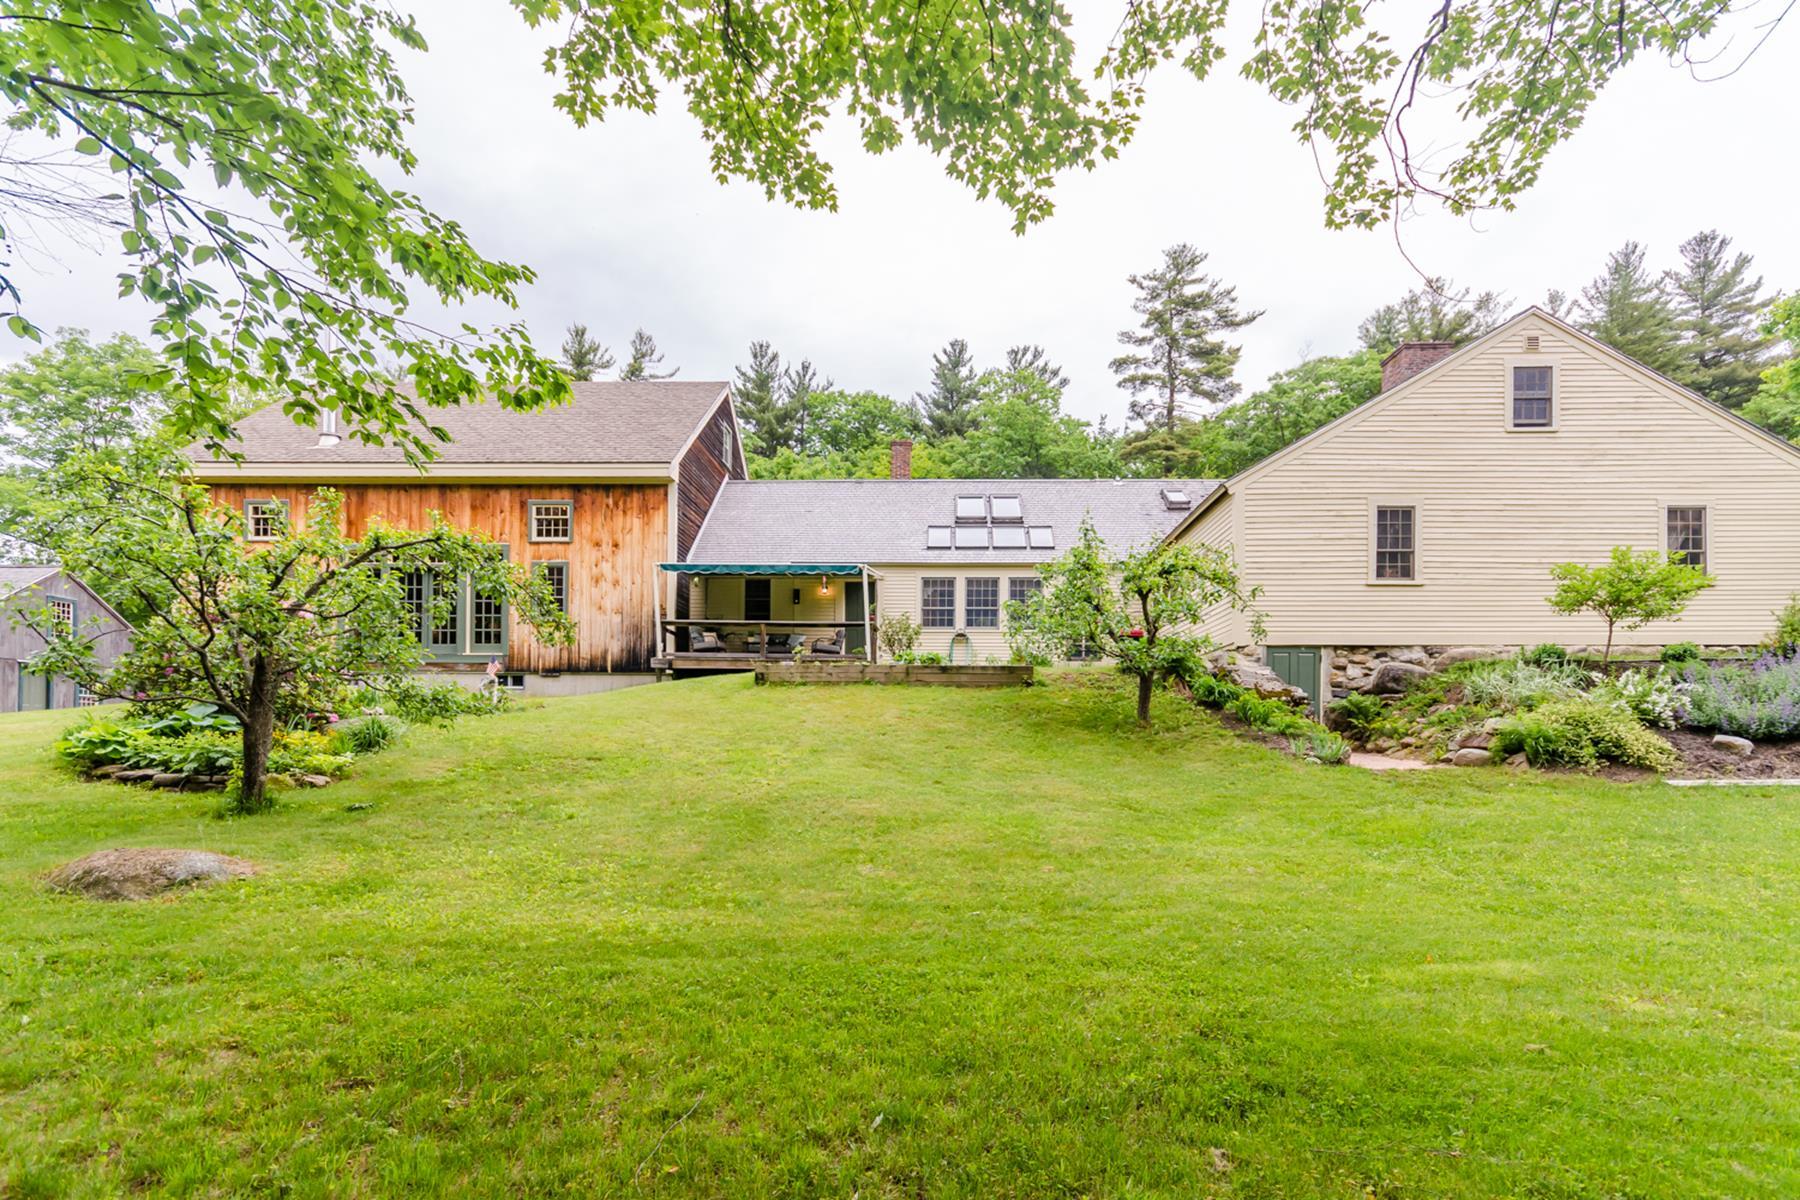 Nhà ở một gia đình vì Bán tại 752 Murray Hill Road, Hill 752 Murray Hill Rd Hill, New Hampshire, 03243 Hoa Kỳ